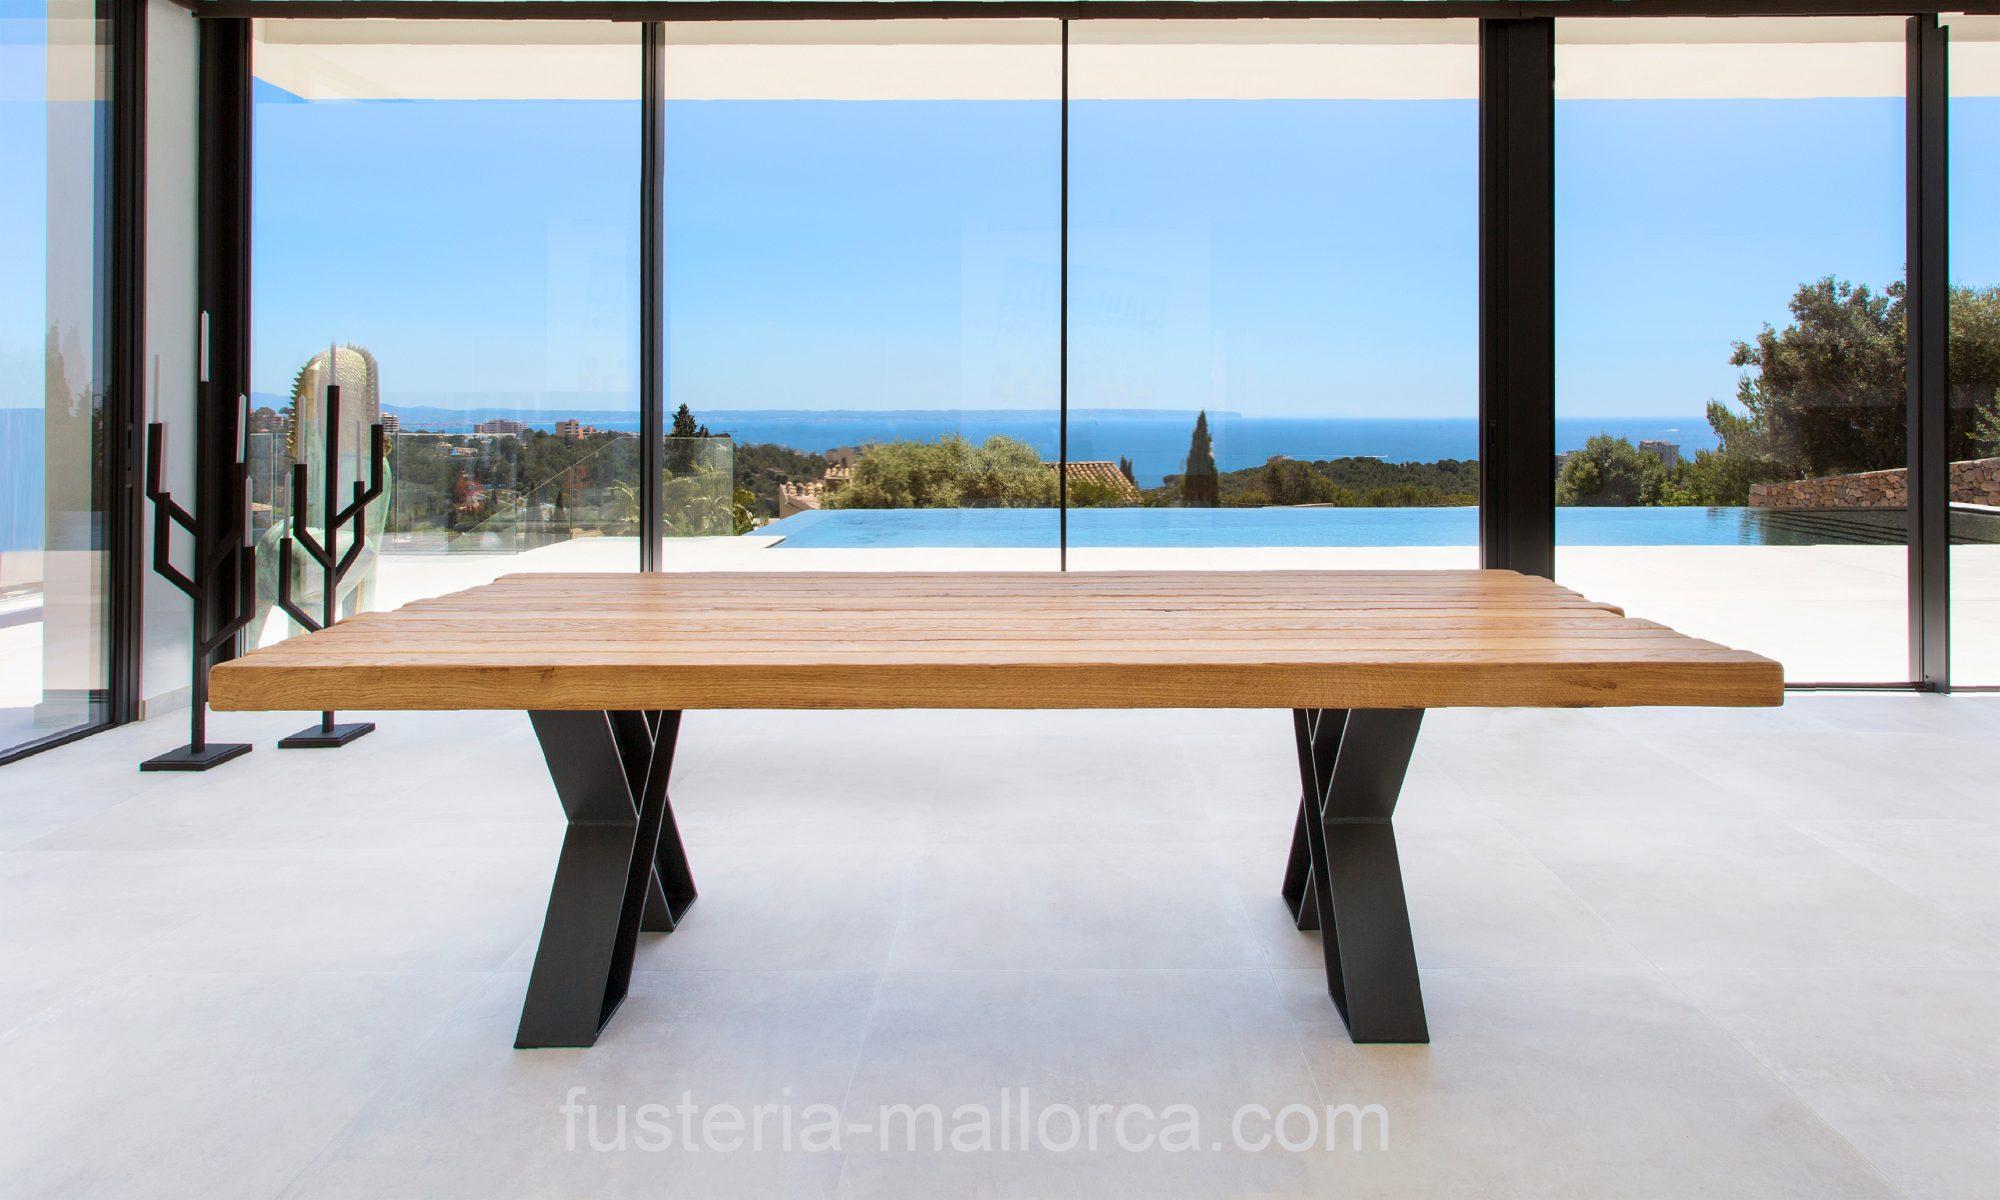 Fusteria Mallorca